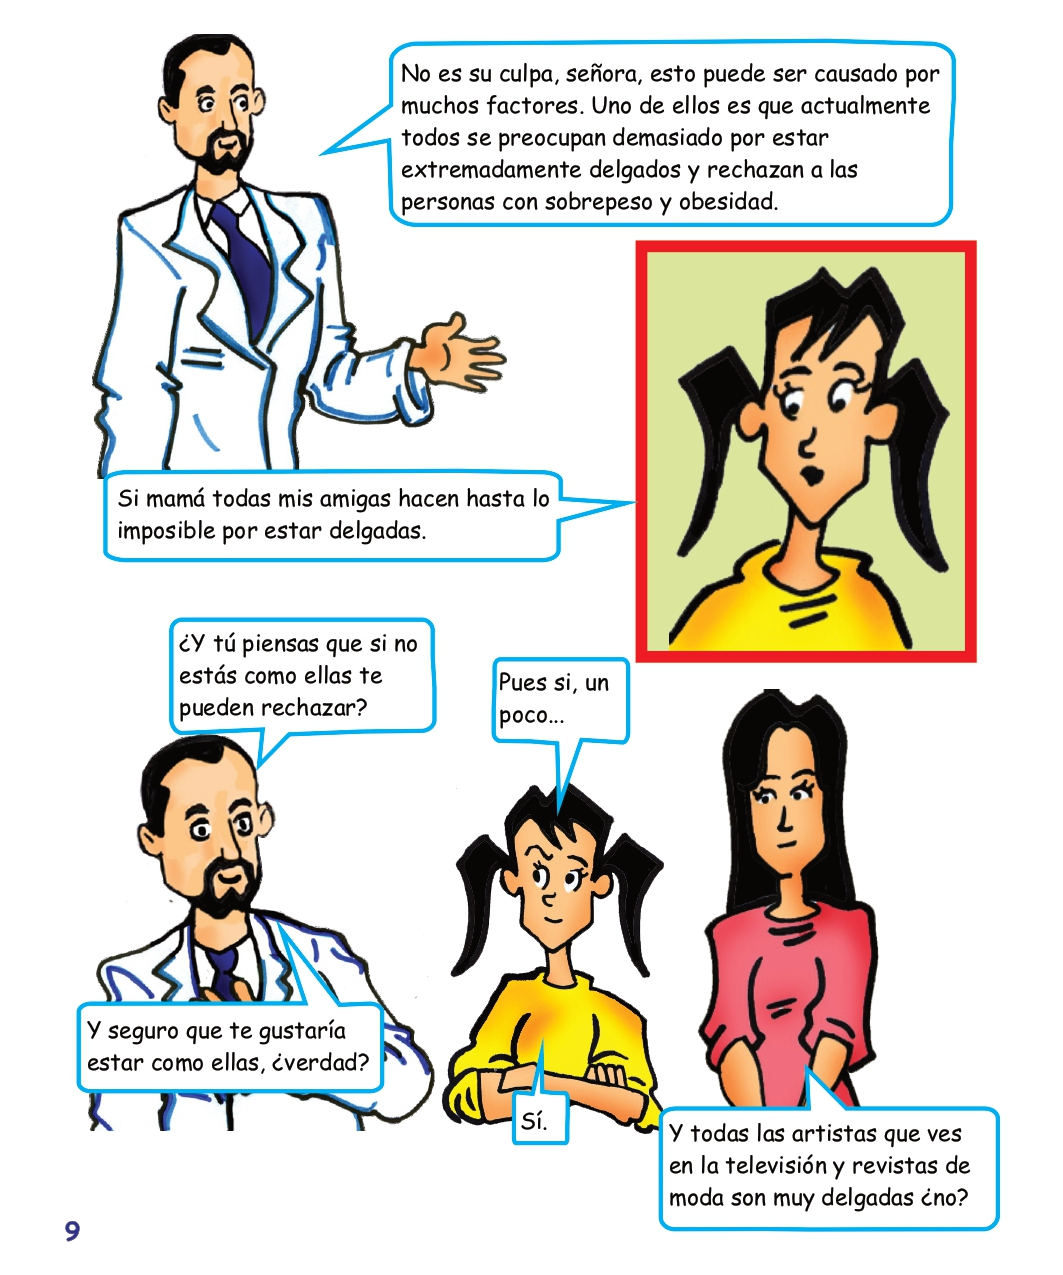 Psicología padres Reyhan cap2 digital_page-0012